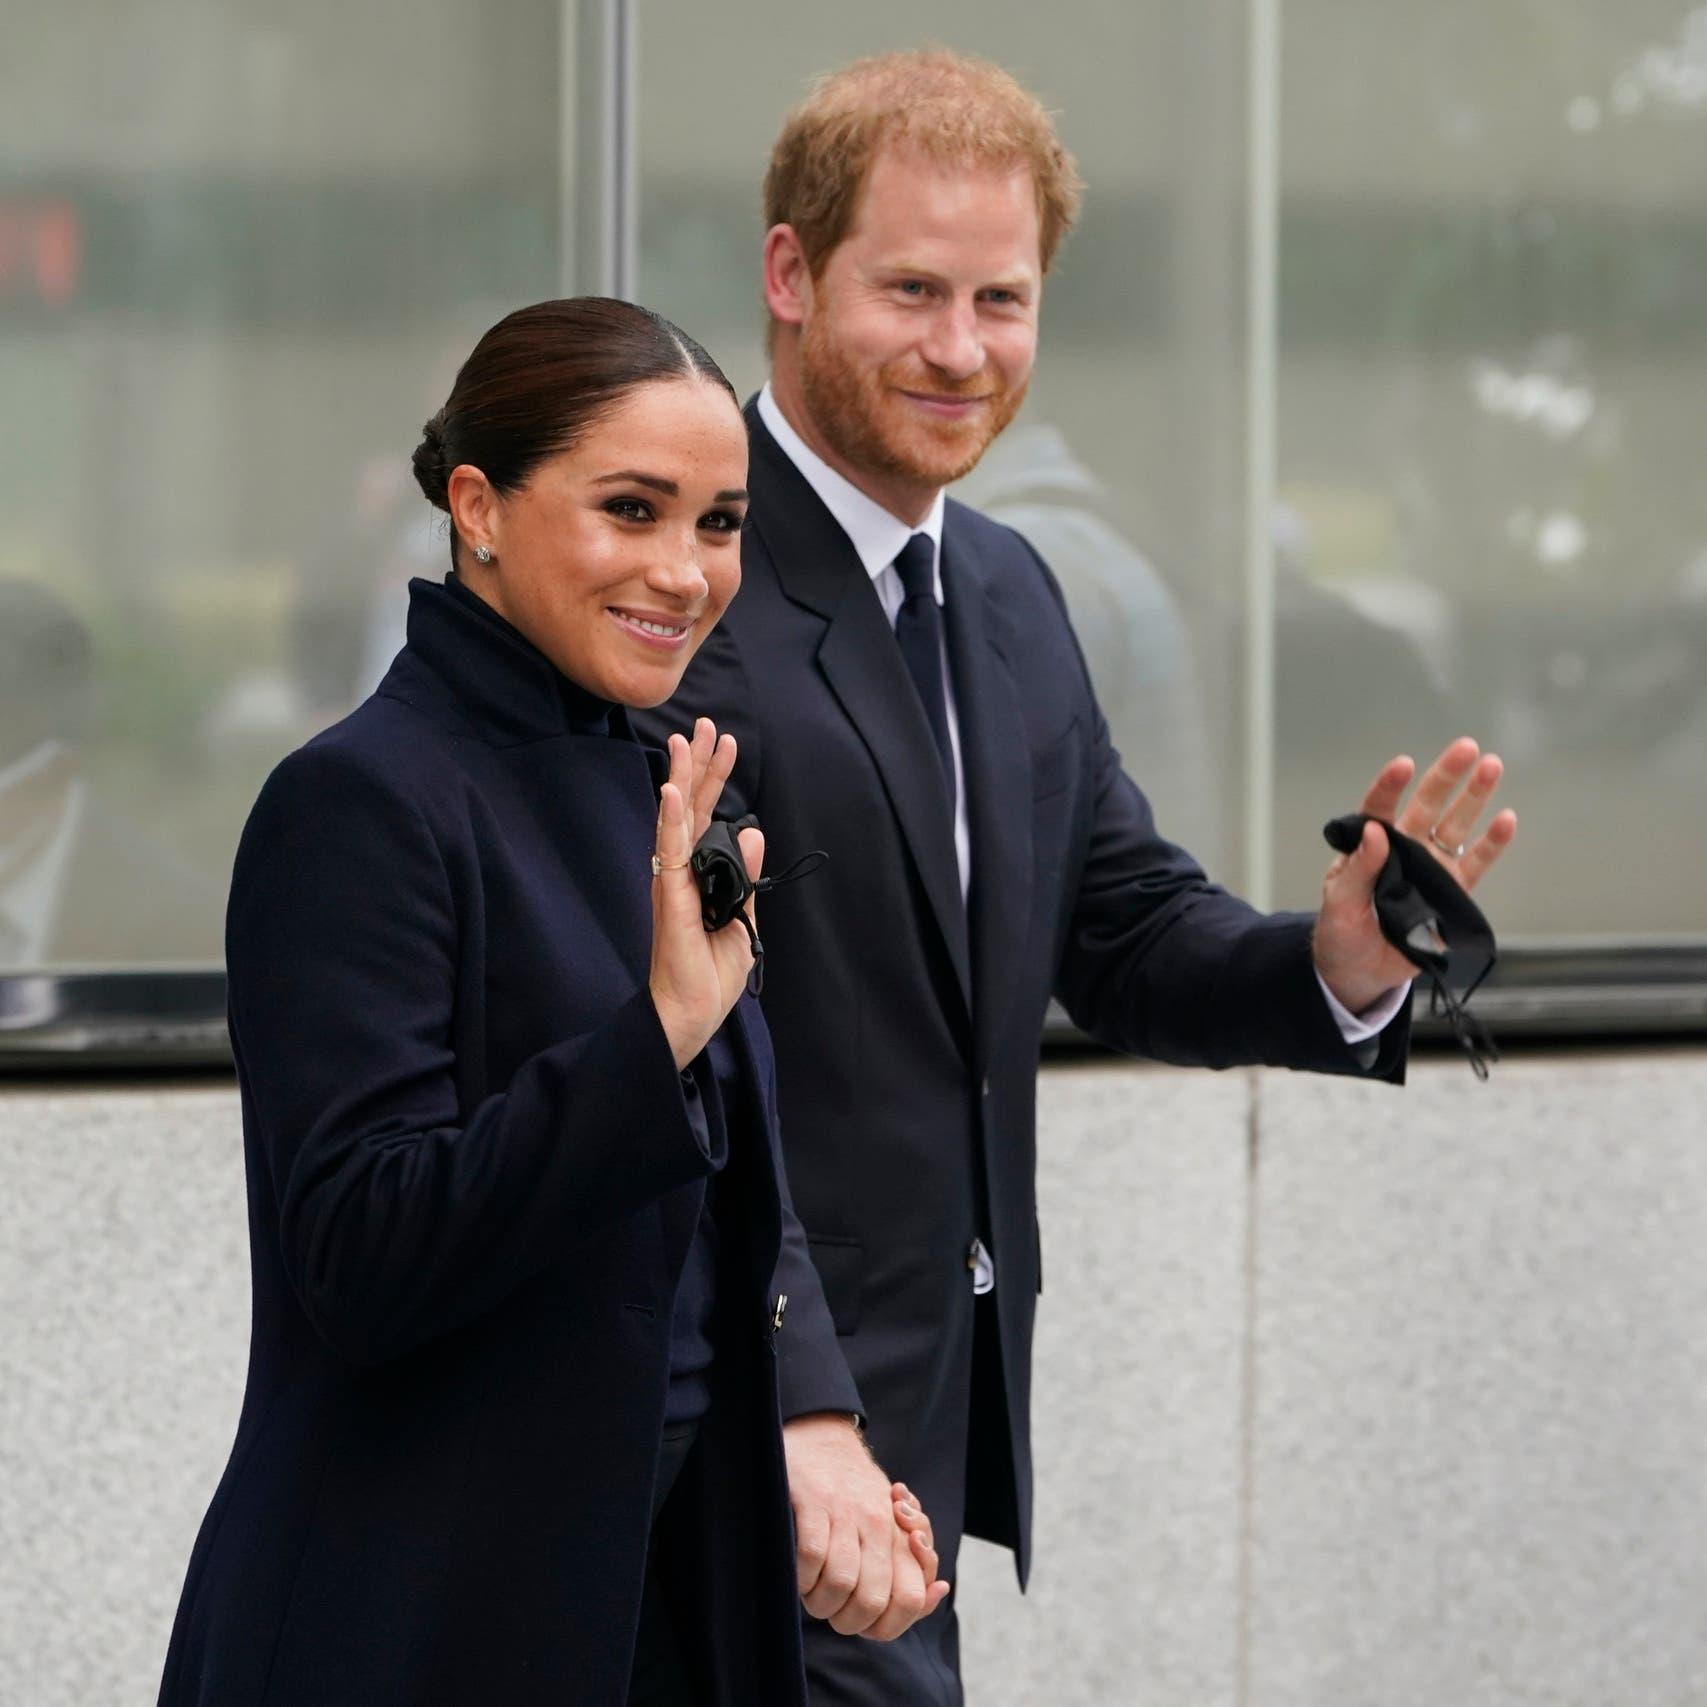 الأمير البريطاني هاري وزوجته ميغان يلتقيان مع غوتيريش